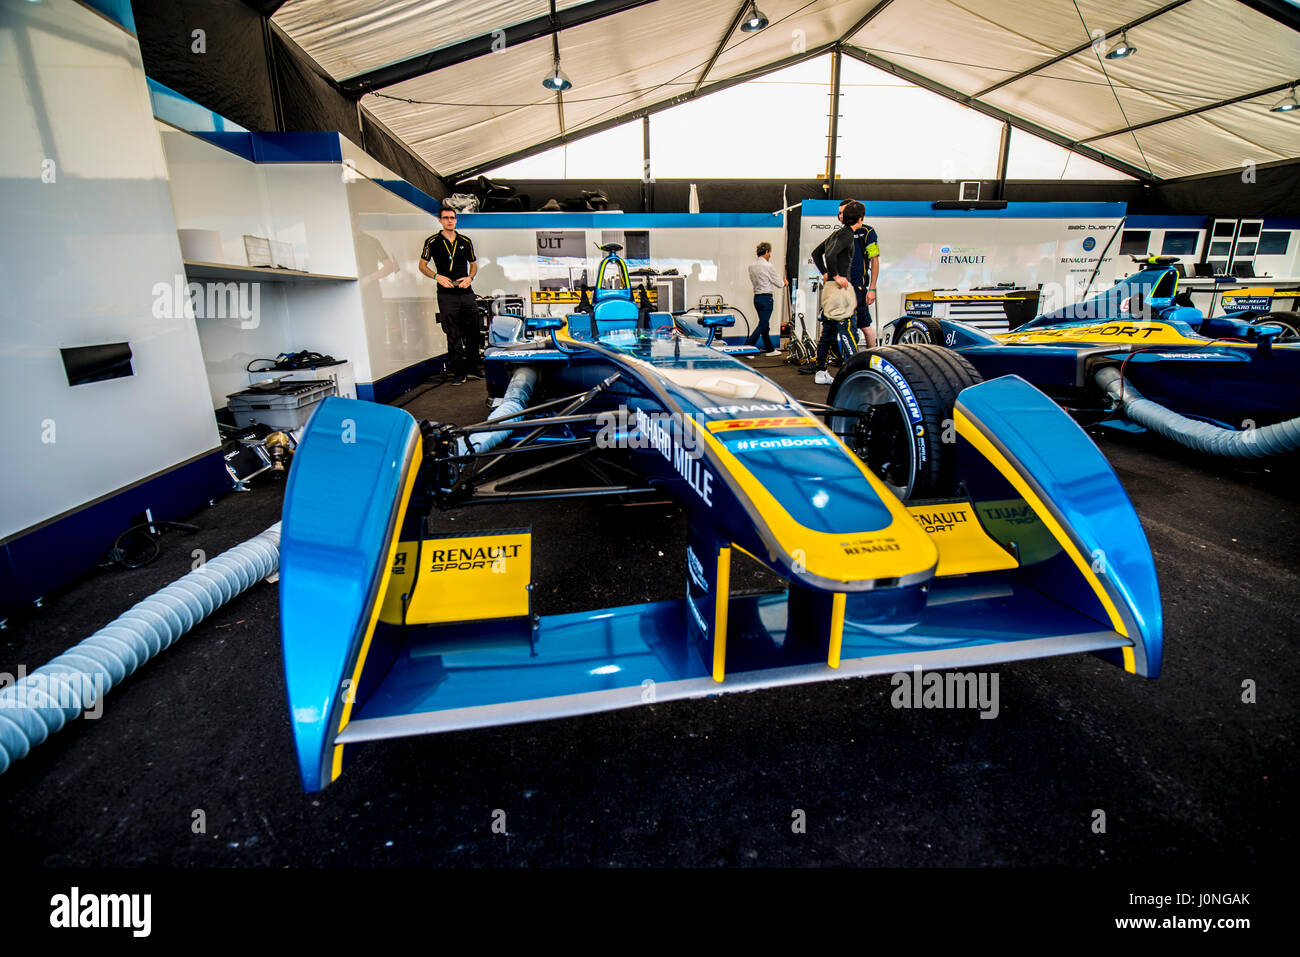 E Formula Racing In Miami - Stock Image